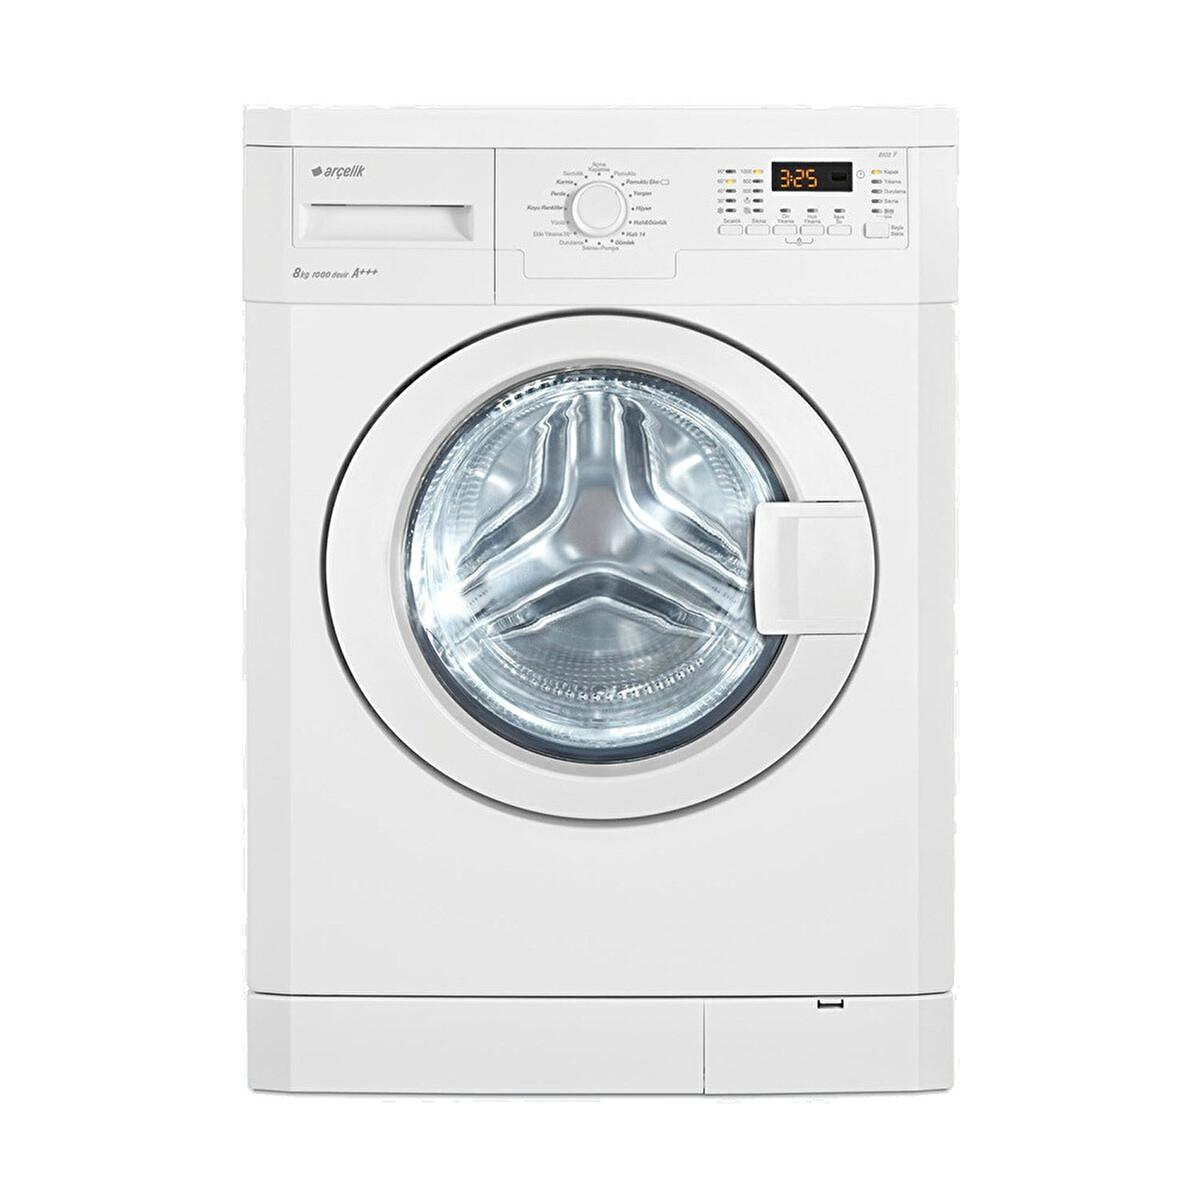 Arçelik 8103 Y 8kg çamaşır Makinesi 30193193 Carrefoursa